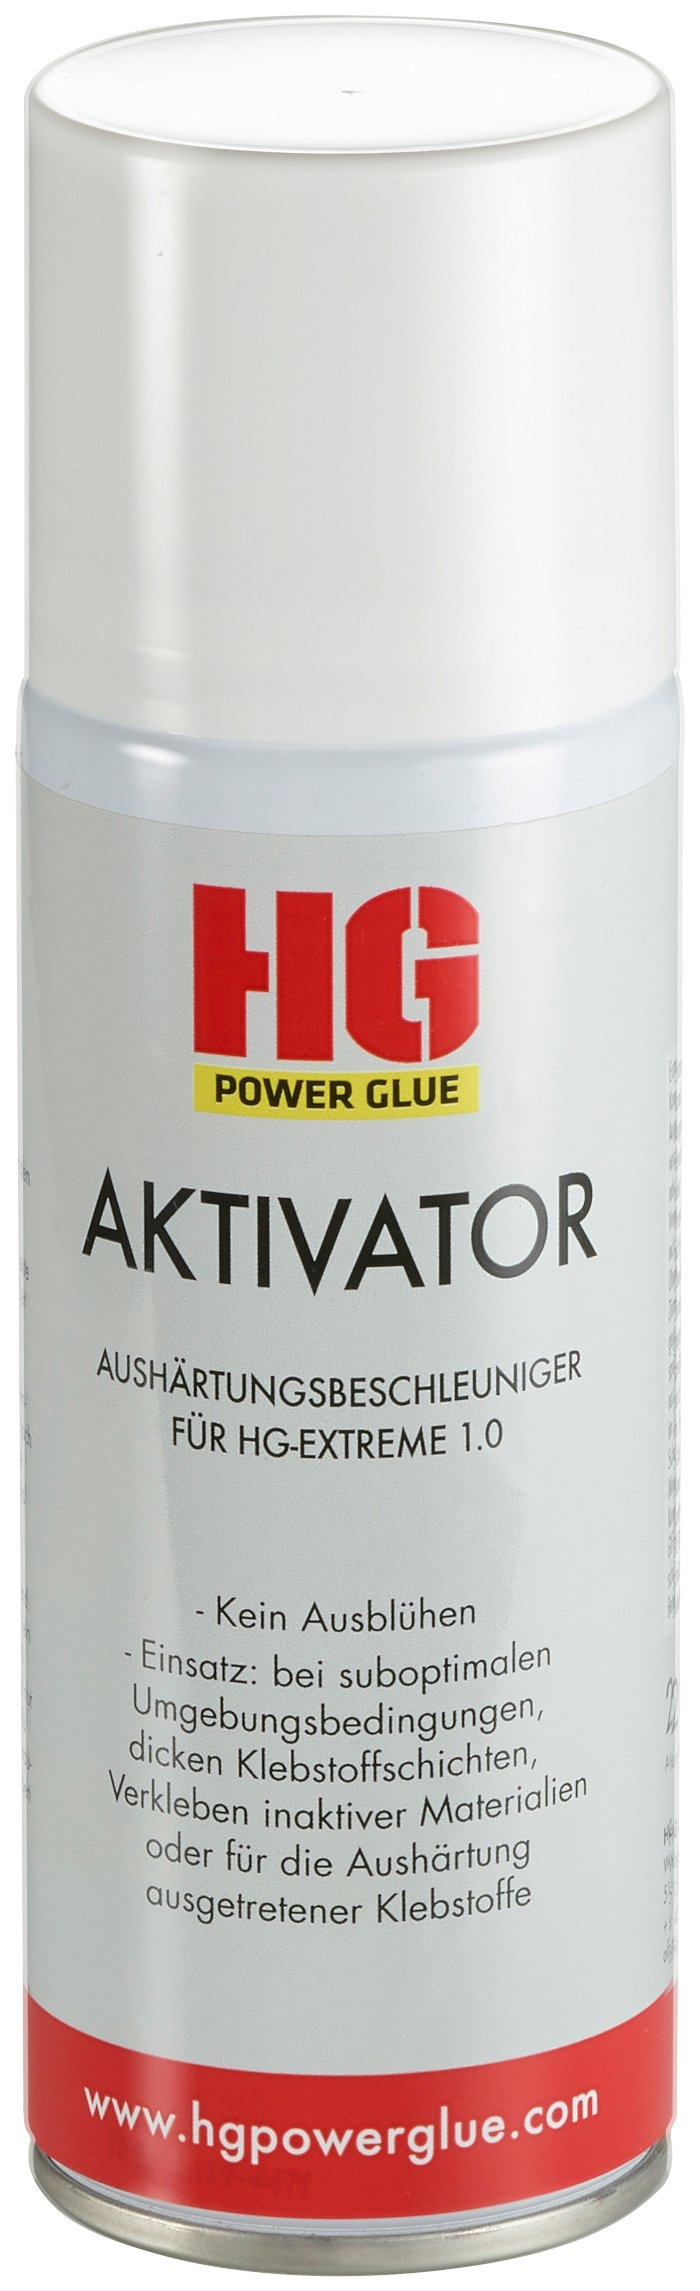 HG lijm PowerGlue Activator-spray, 200 ml (1-delig) online kopen op otto.nl